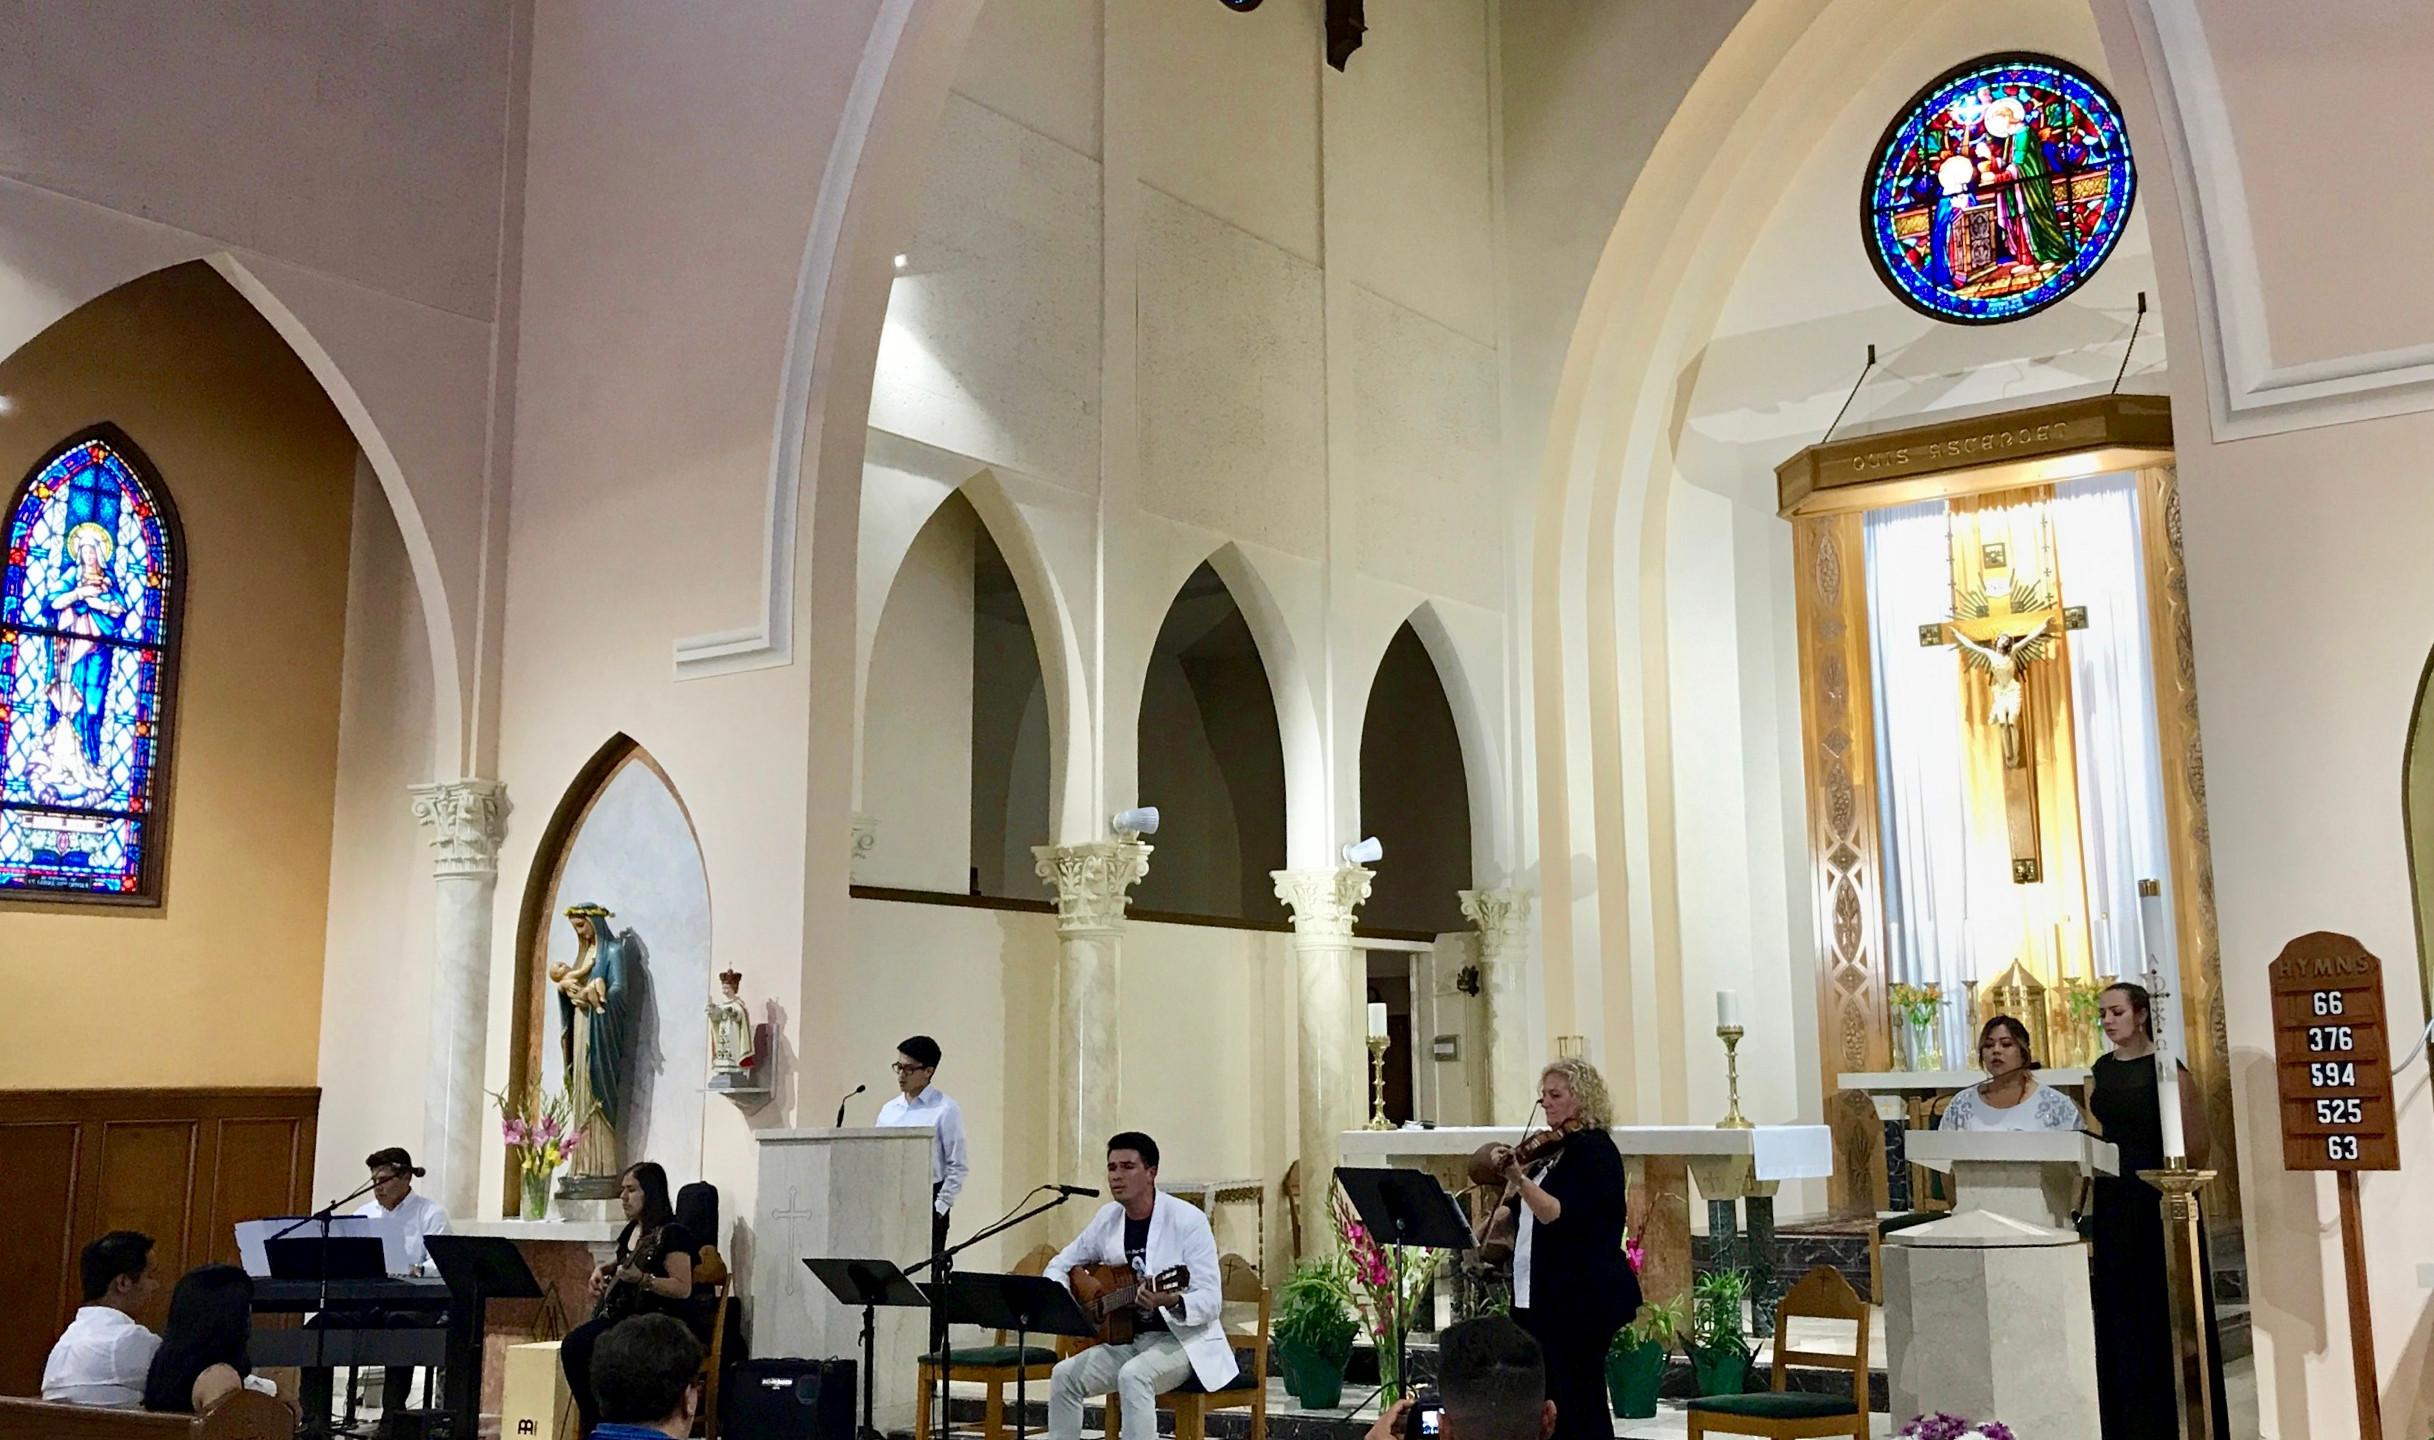 St. John the Evangelist in San Diego